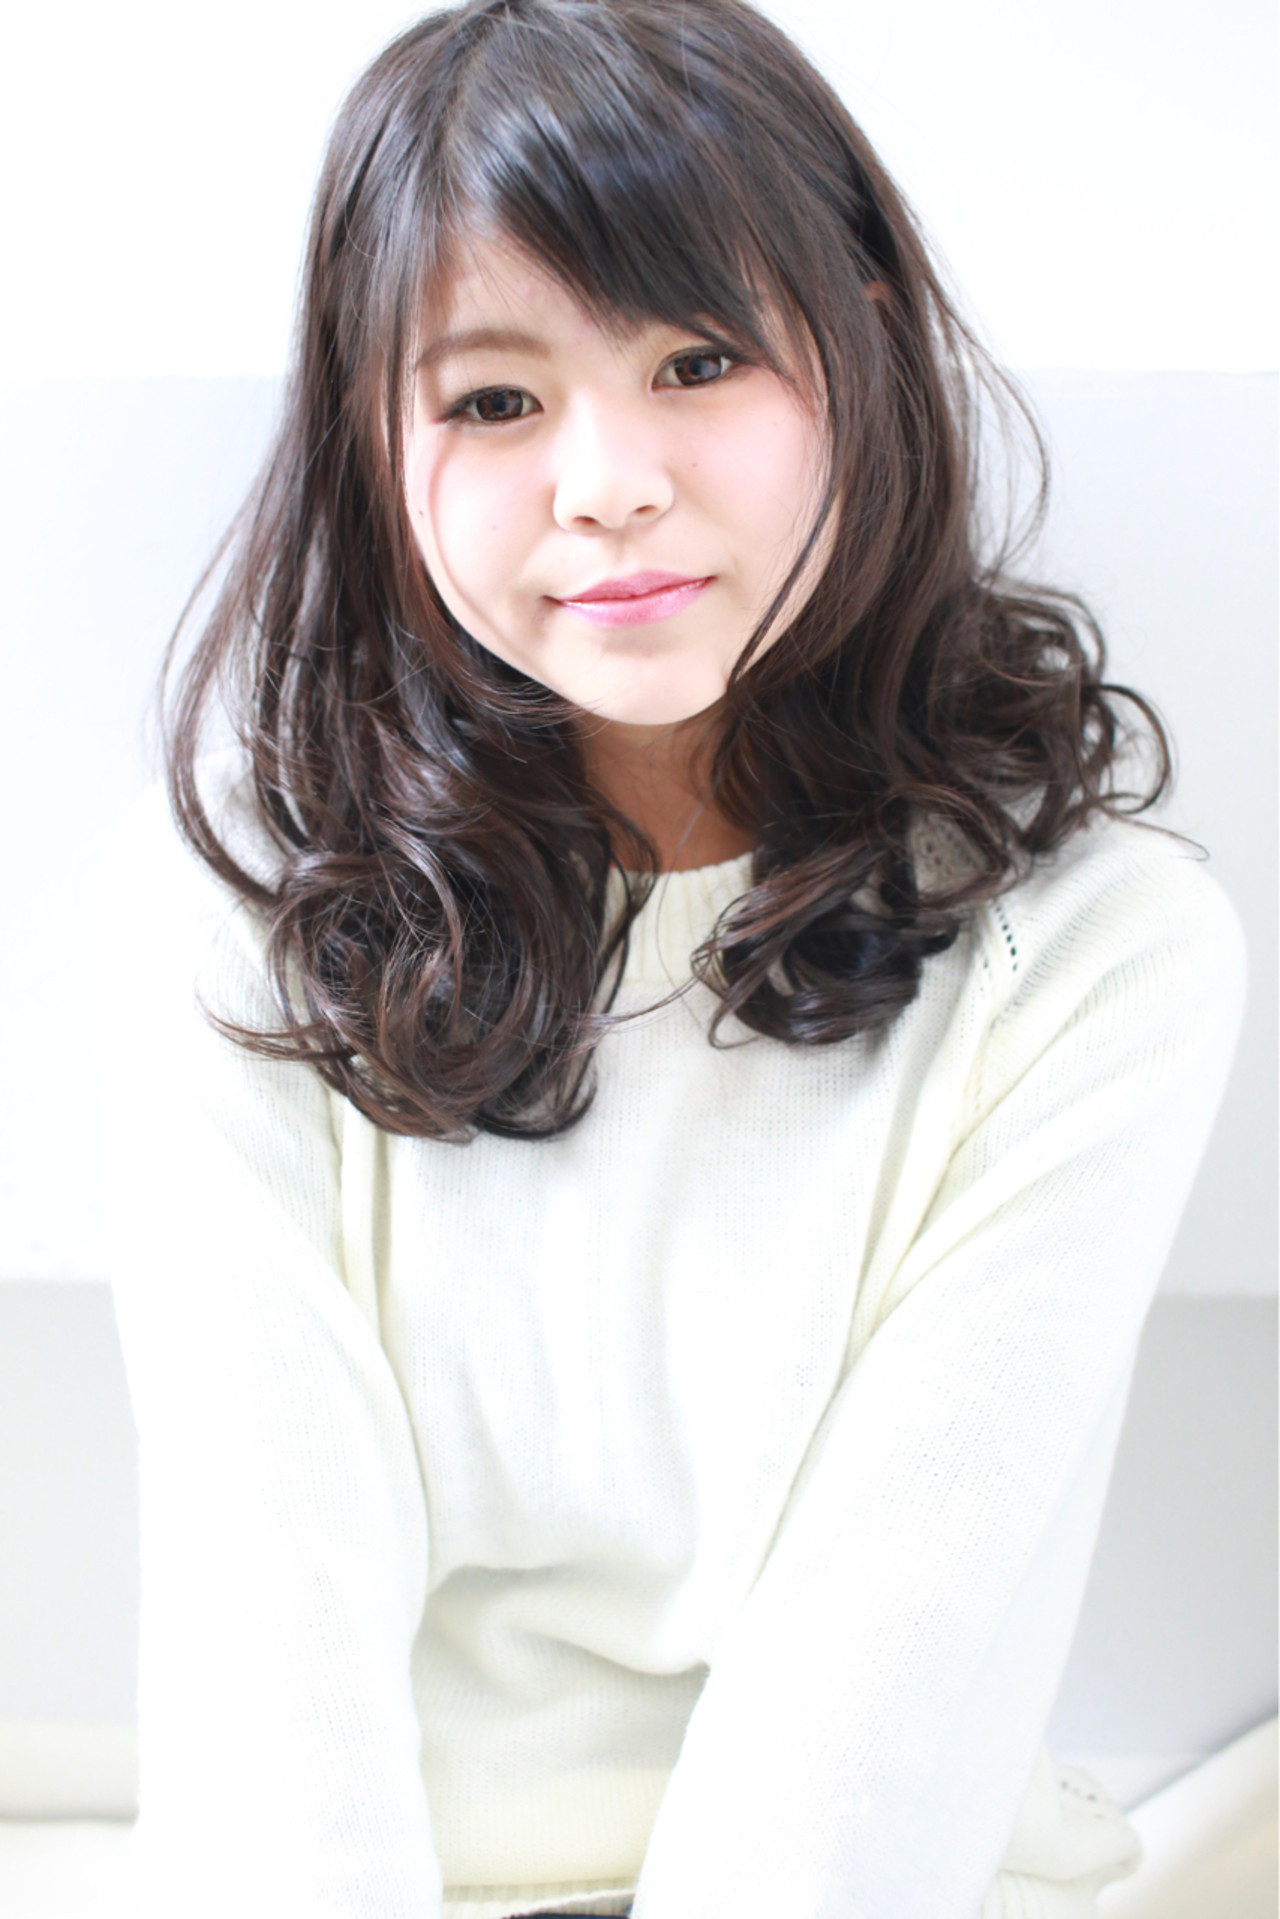 レイヤーカット ゆるふわ 黒髪 ナチュラル ヘアスタイルや髪型の写真・画像   ViUs /Hama / hair dresser ViUs